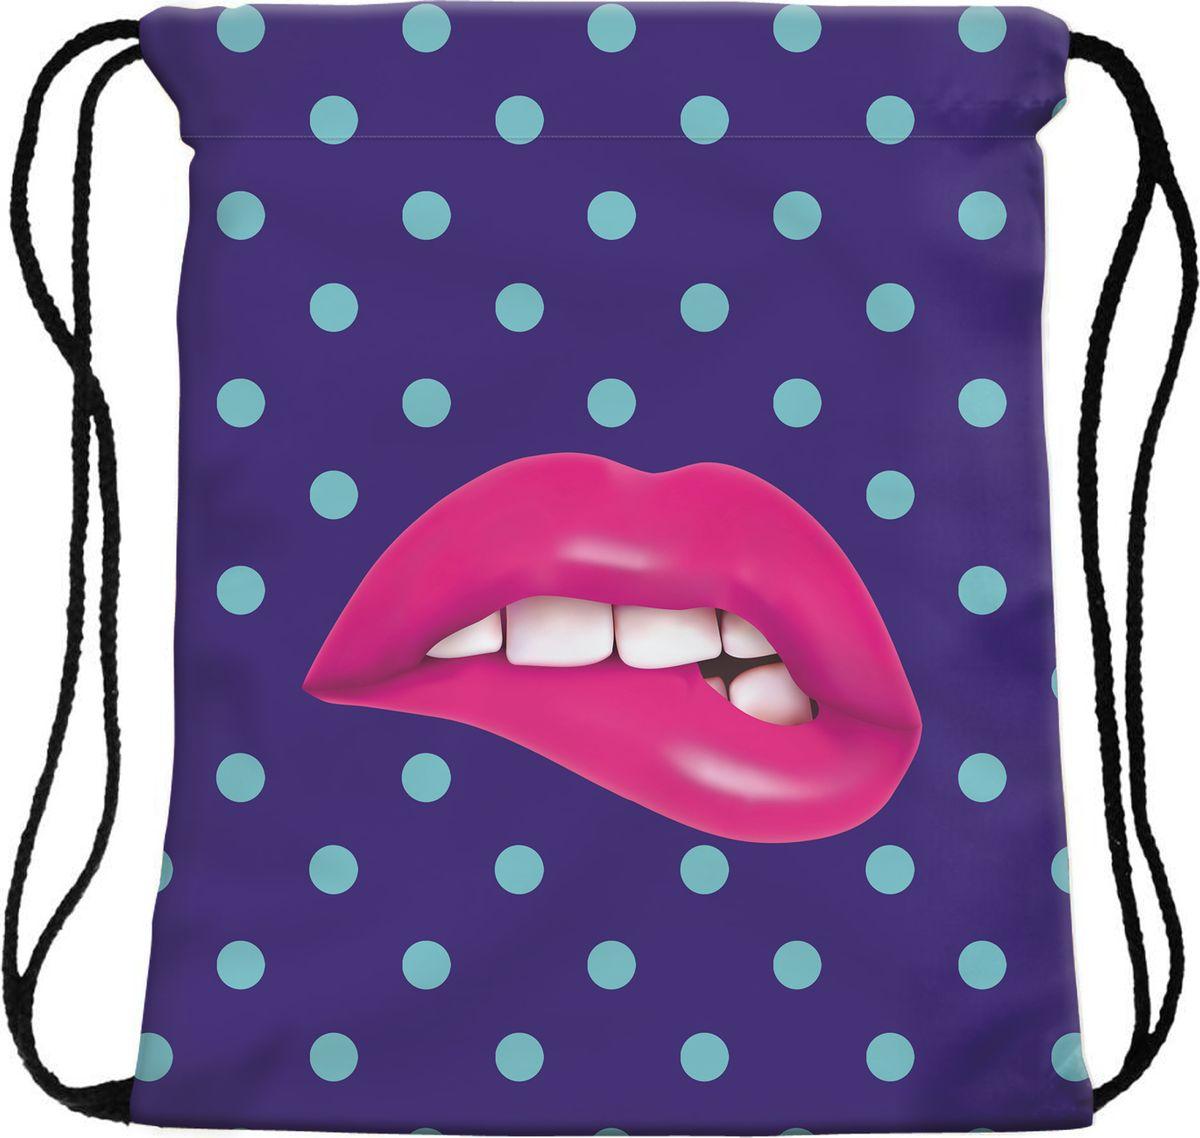 Homsu Сумка для сменной обуви Pink lipsPF-S-13Сумка-мешок для сменной обуви Pink lips подойдет для любого размера обуви, а также поднимет настроение ярким и красочным дизайном. Она затягивается шнурками, выполняющими также функцию лямок.